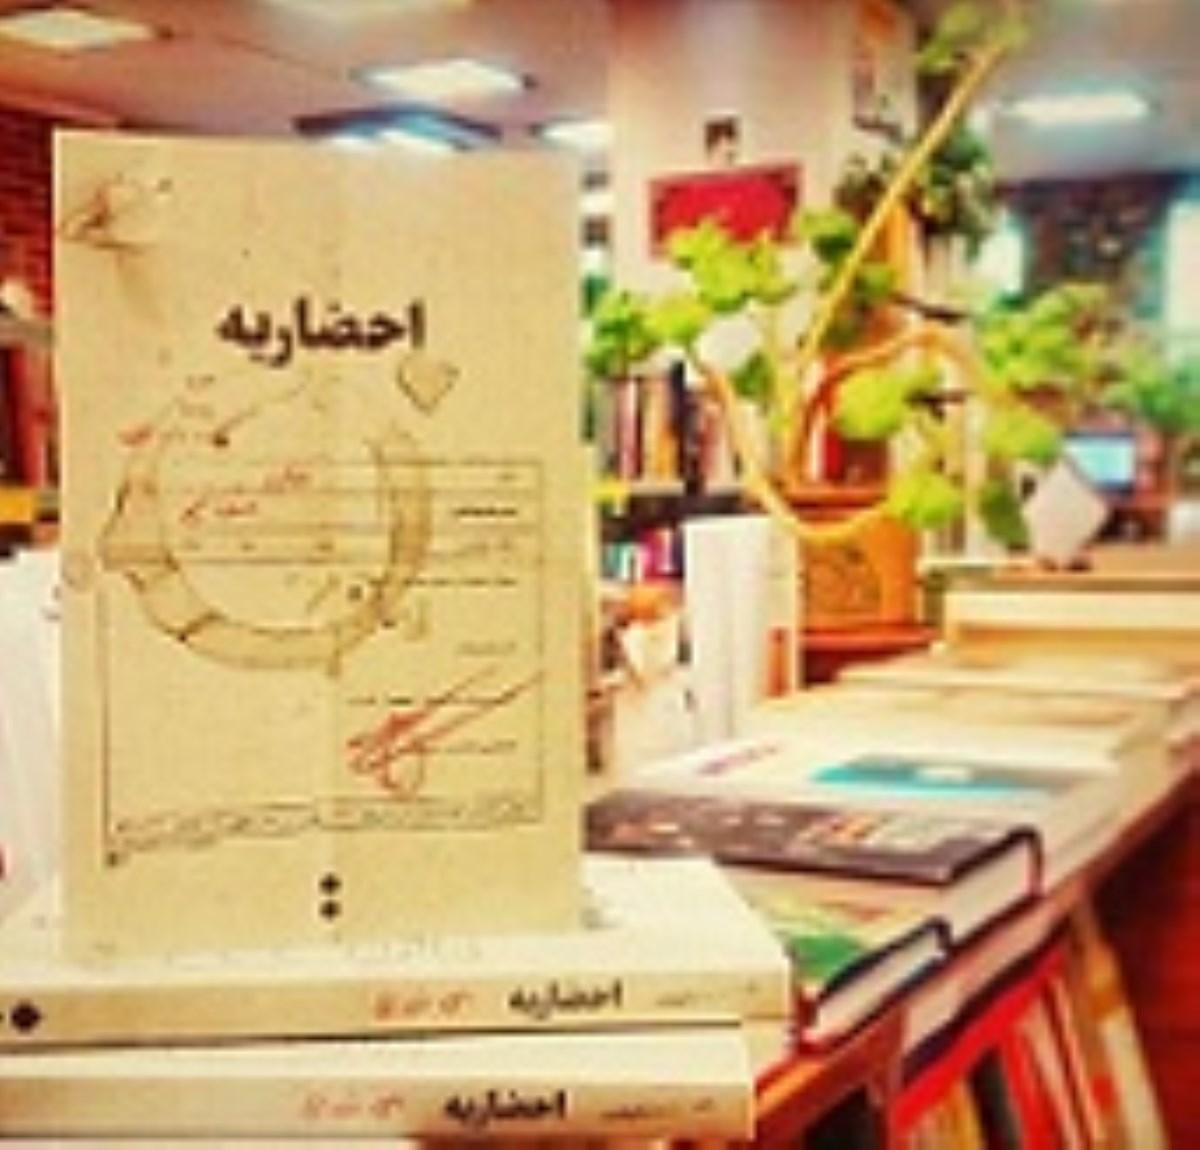 نگاهی به رمان «احضاریه» نوشته علی موذنی